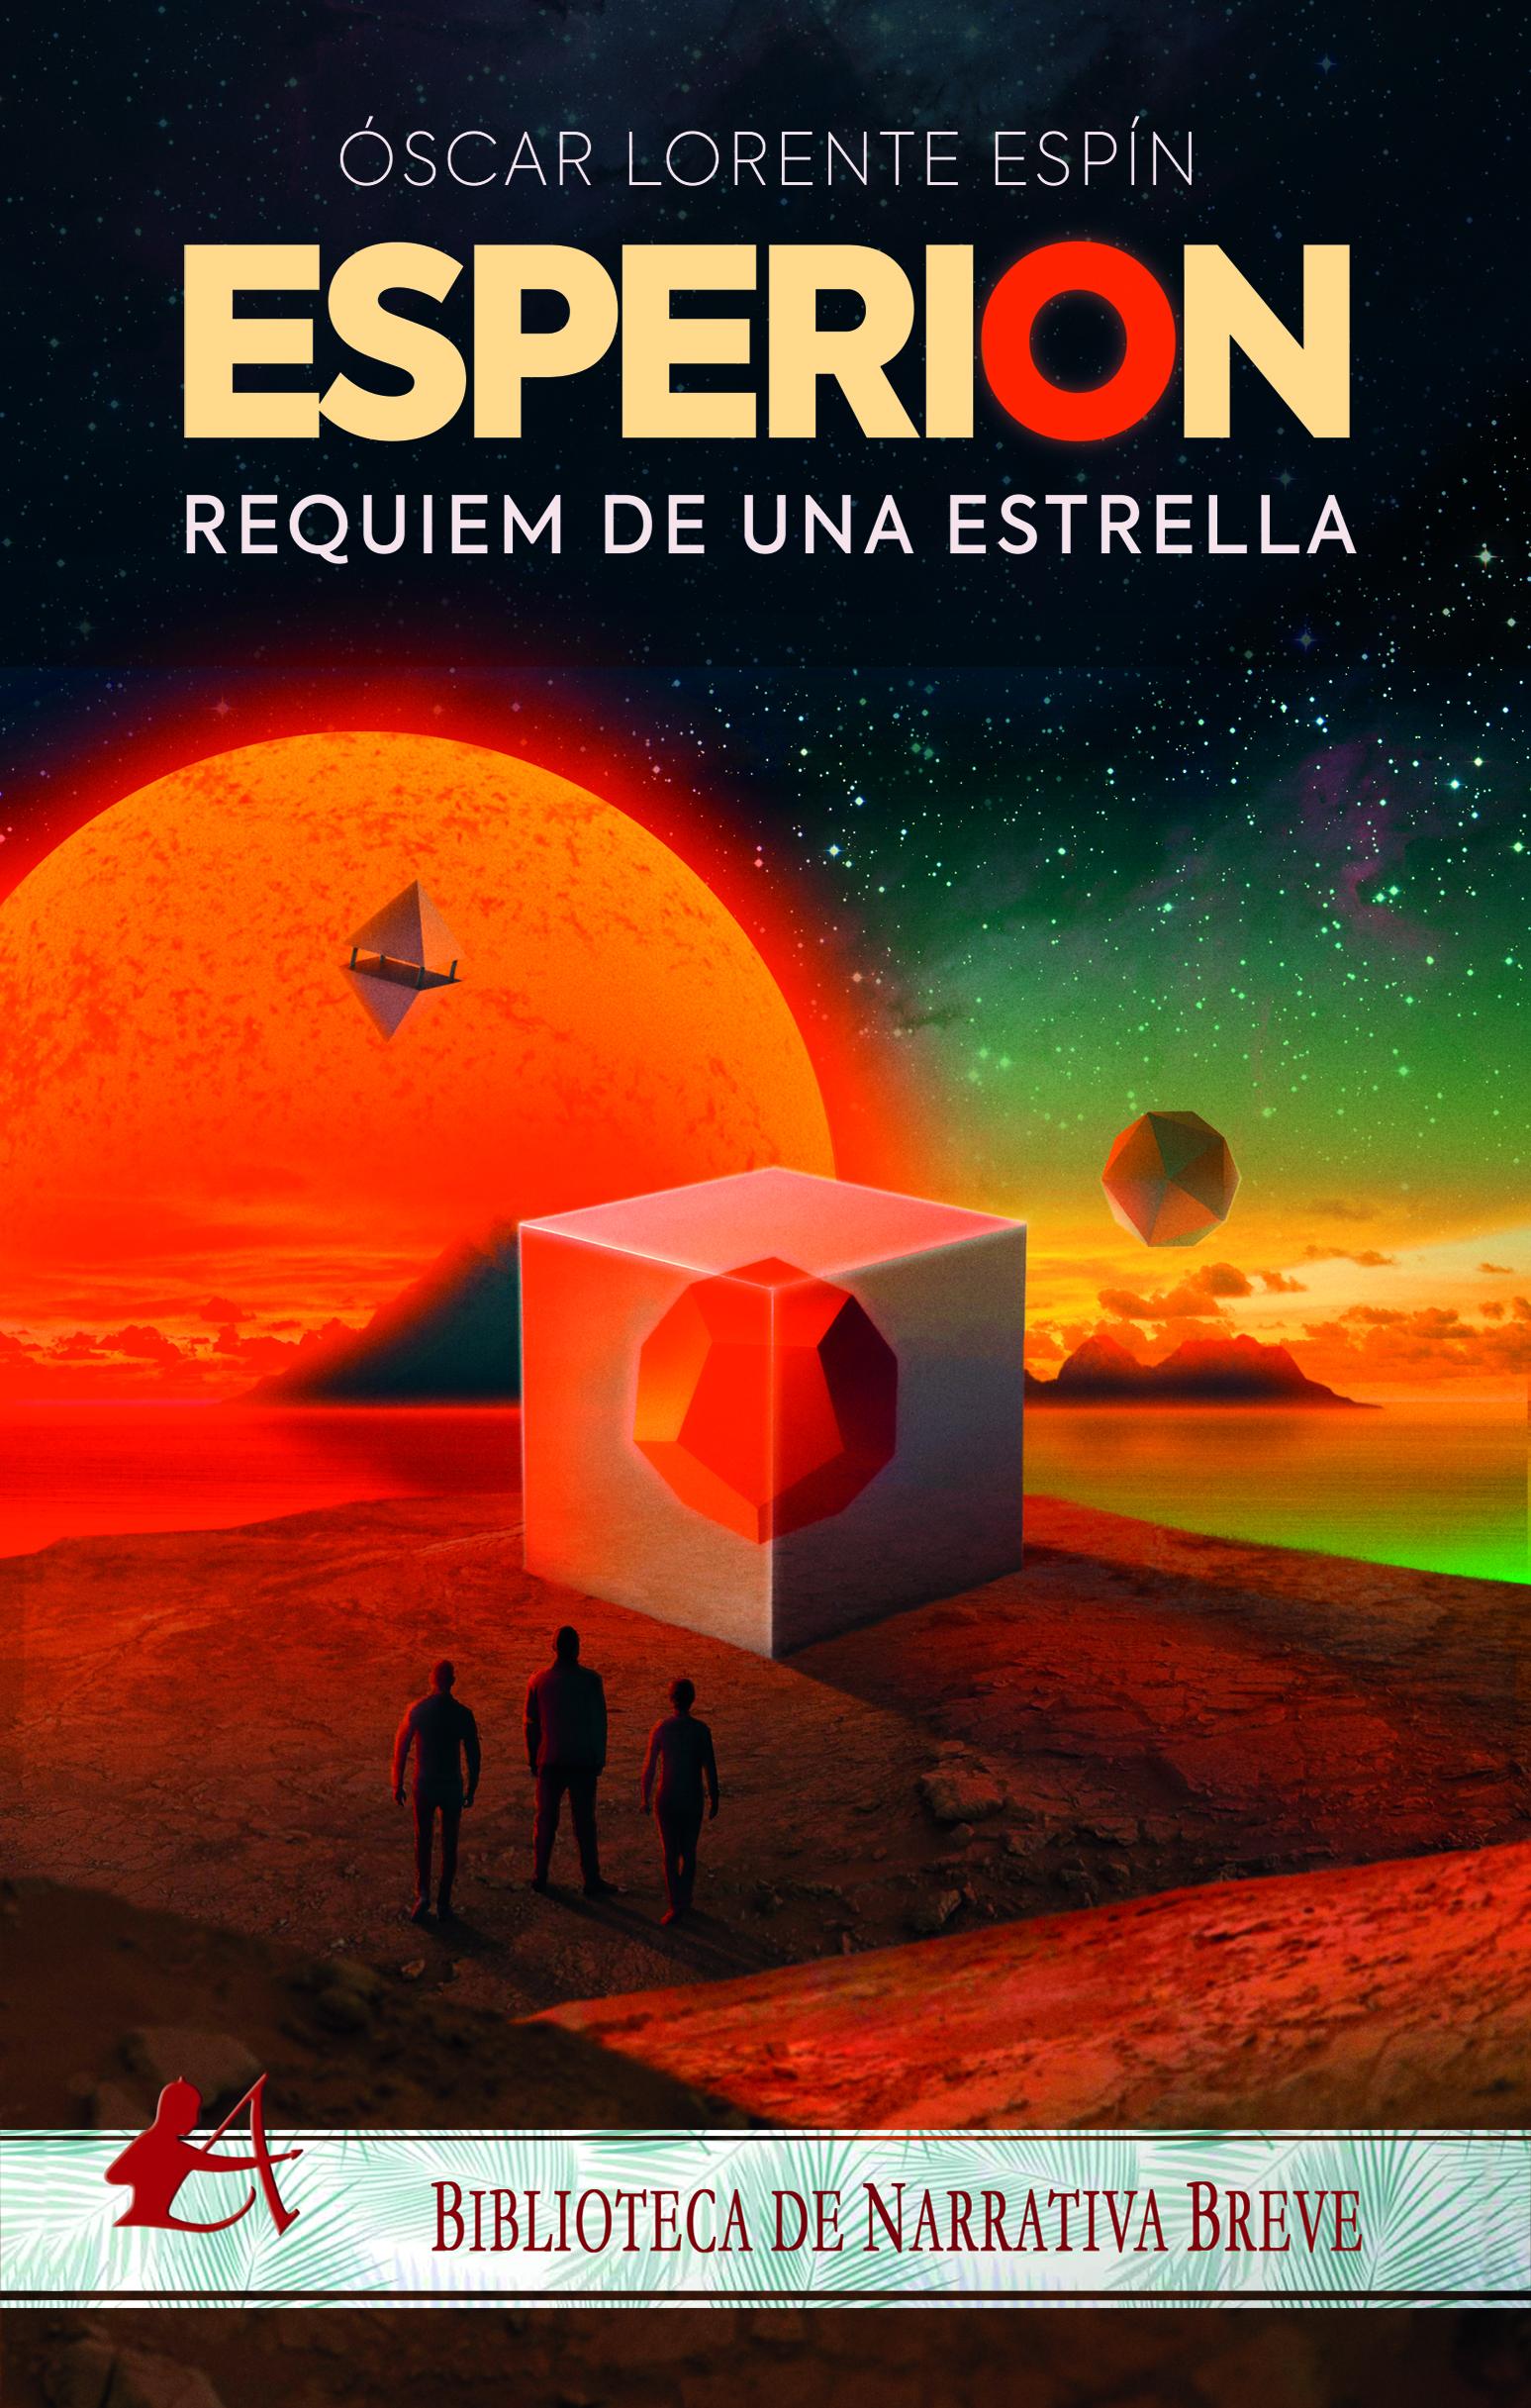 Portada del libro Esperion Réquiem de una estrella de Óscar Lorente Espín. Editorial Adarve, Publicar un libro